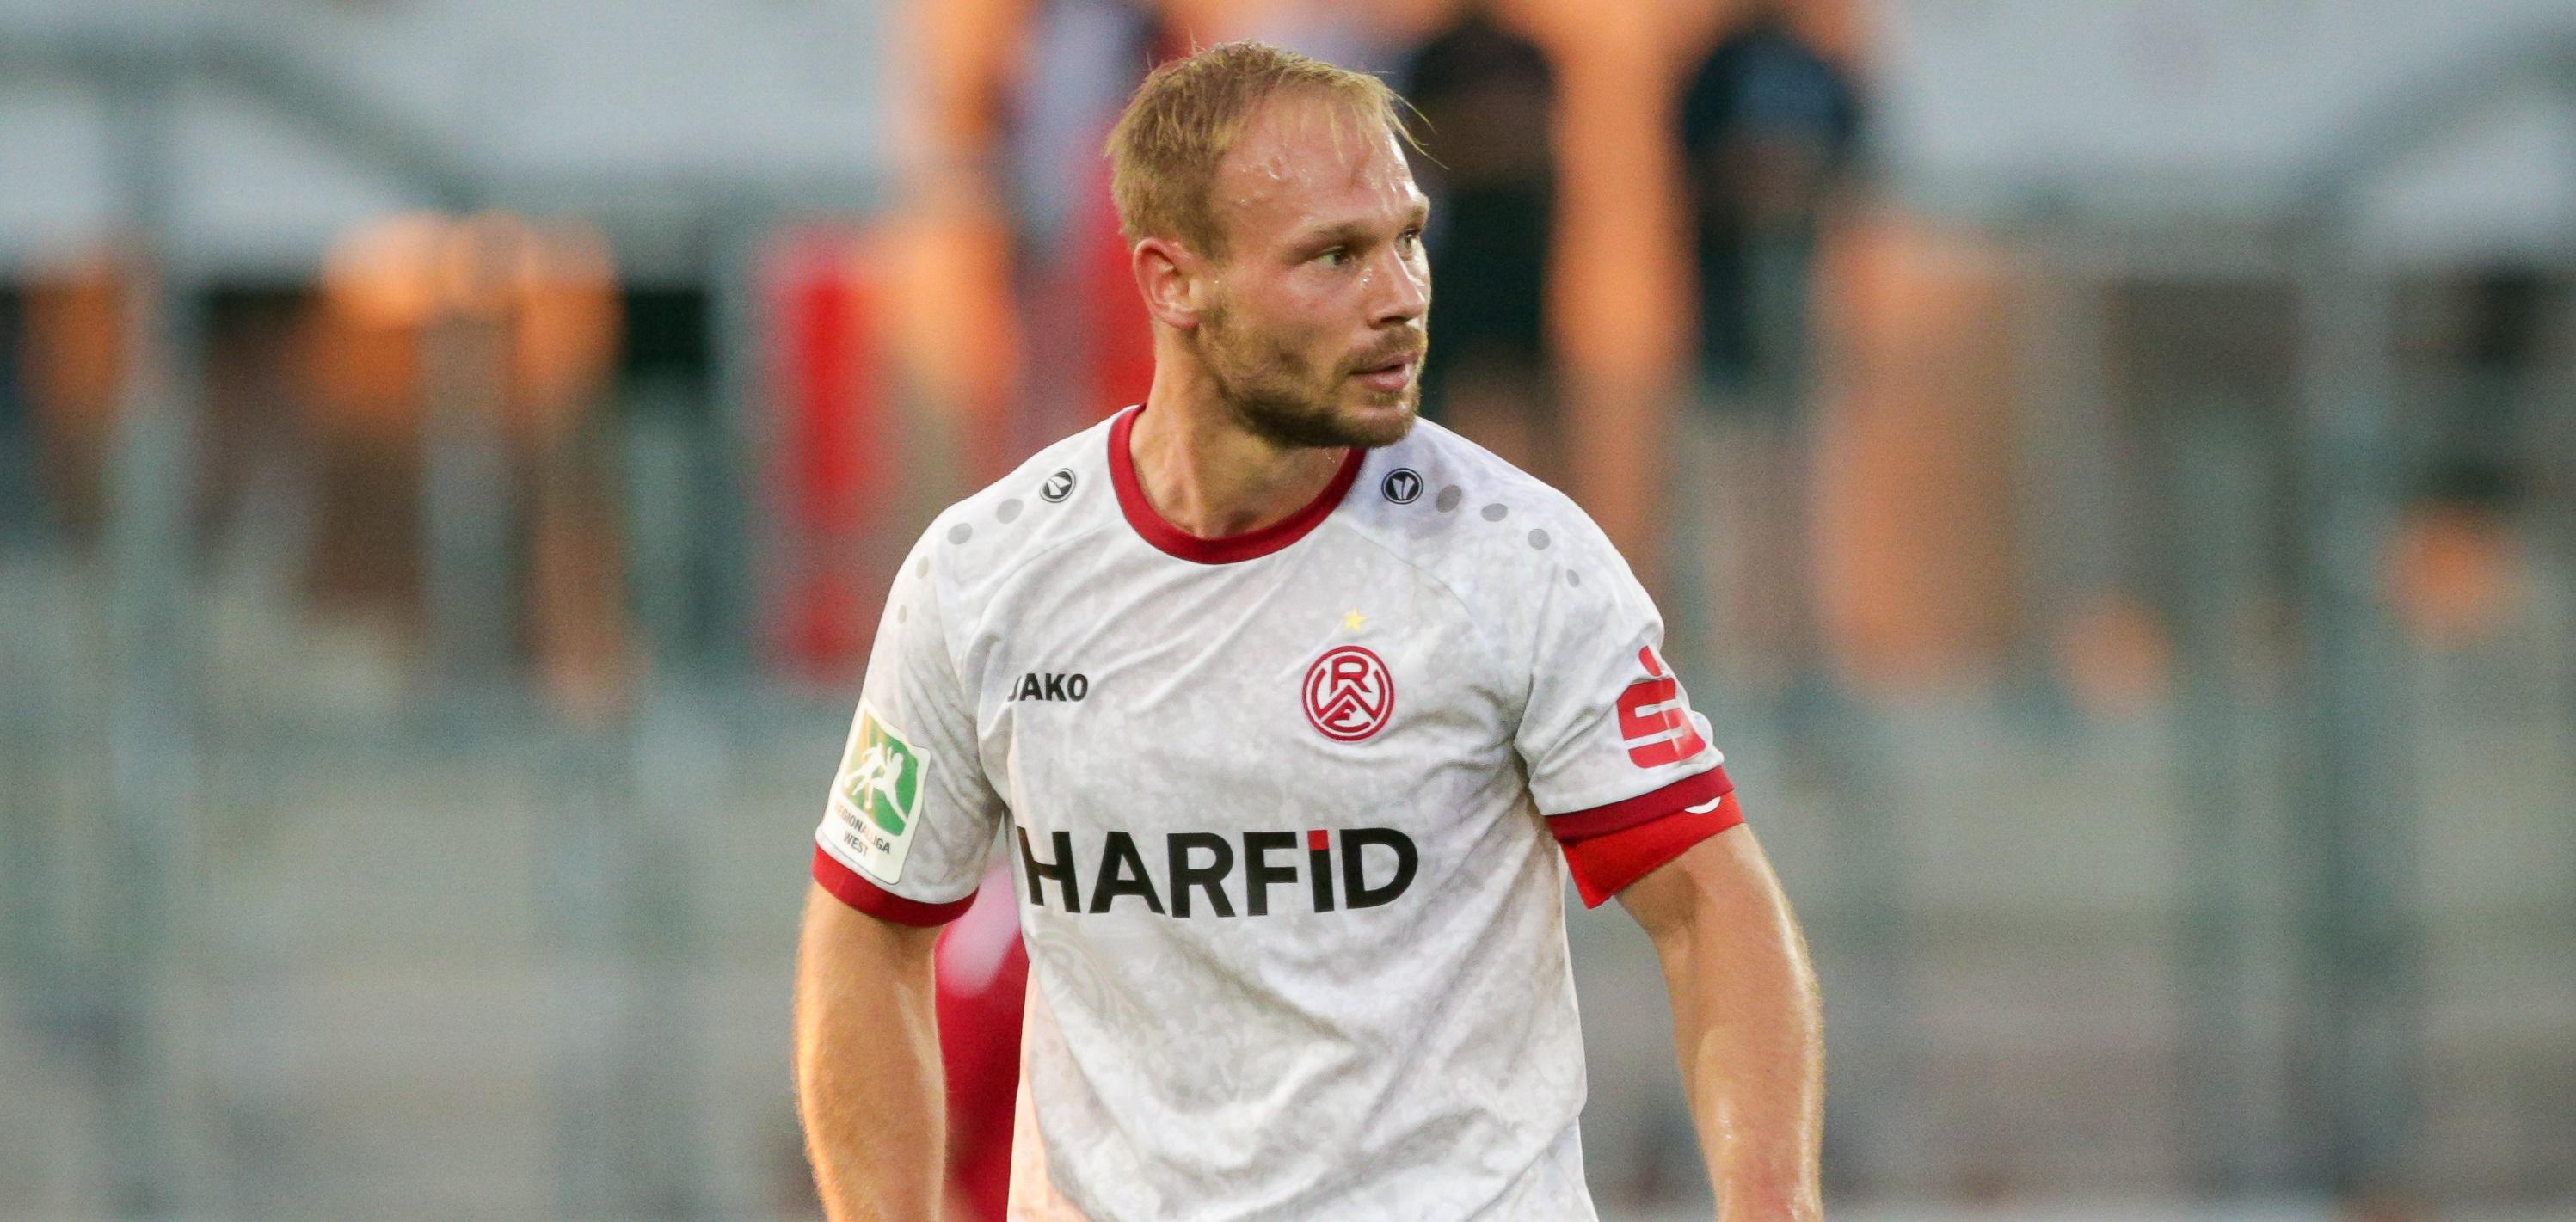 Felix Herzenbruch wechselt vorerst zu Rot-Weiß Oberhausen und kehrt zur kommenden Saison an die Hafenstraße zurück. (Foto: Endberg)